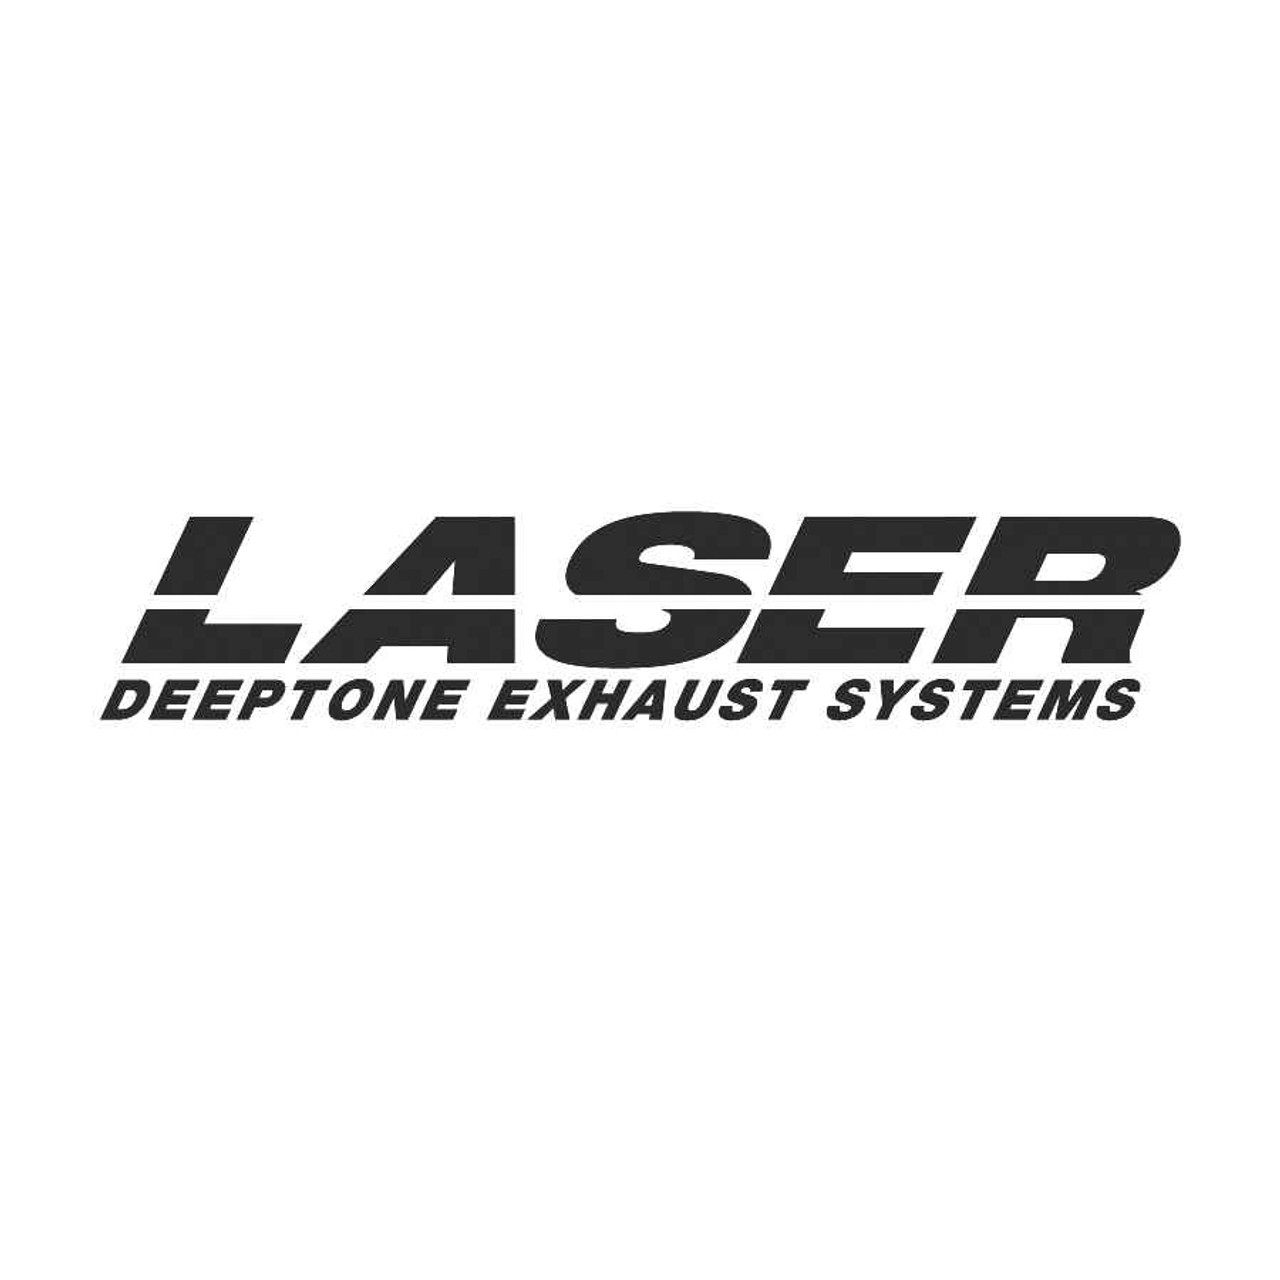 Laser Exhaust Decals Vinl Decal Car Graphics